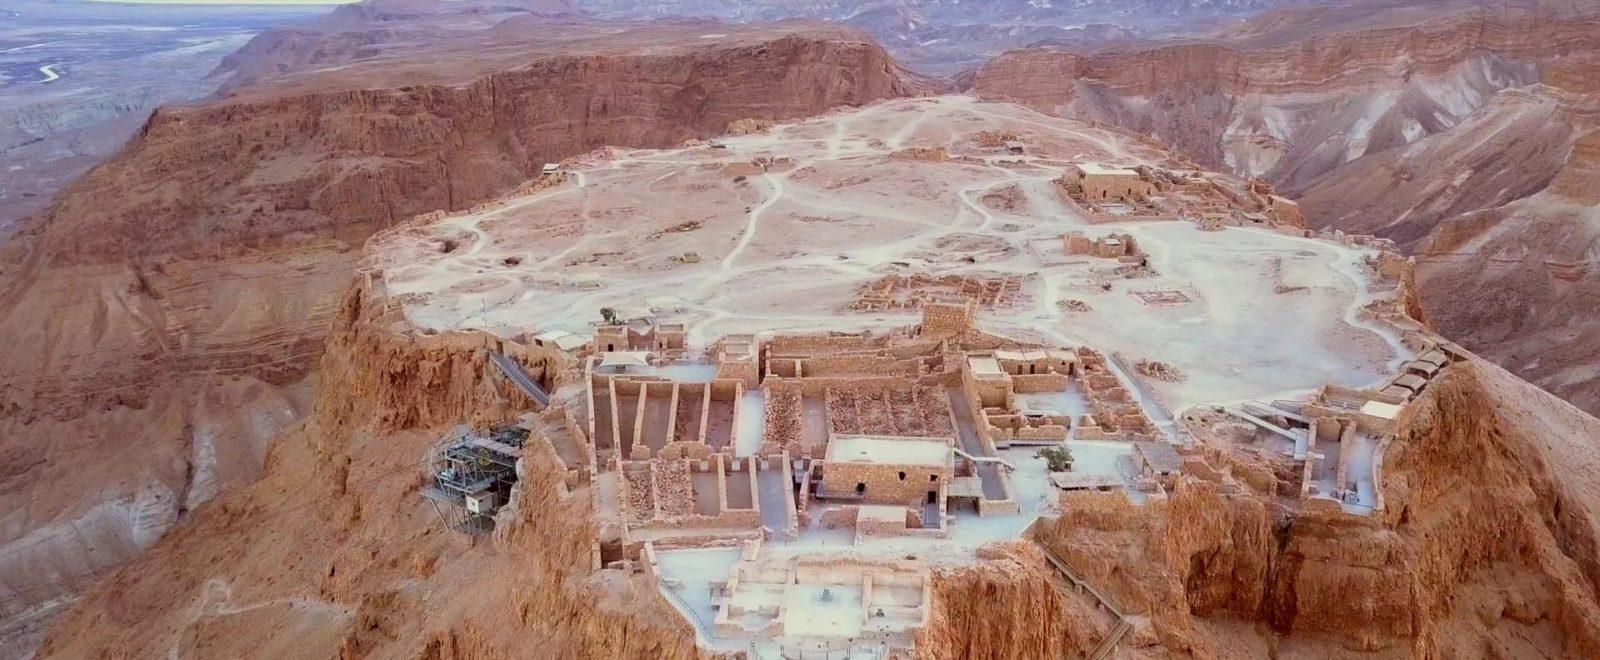 Dead Sea and Masada Tour